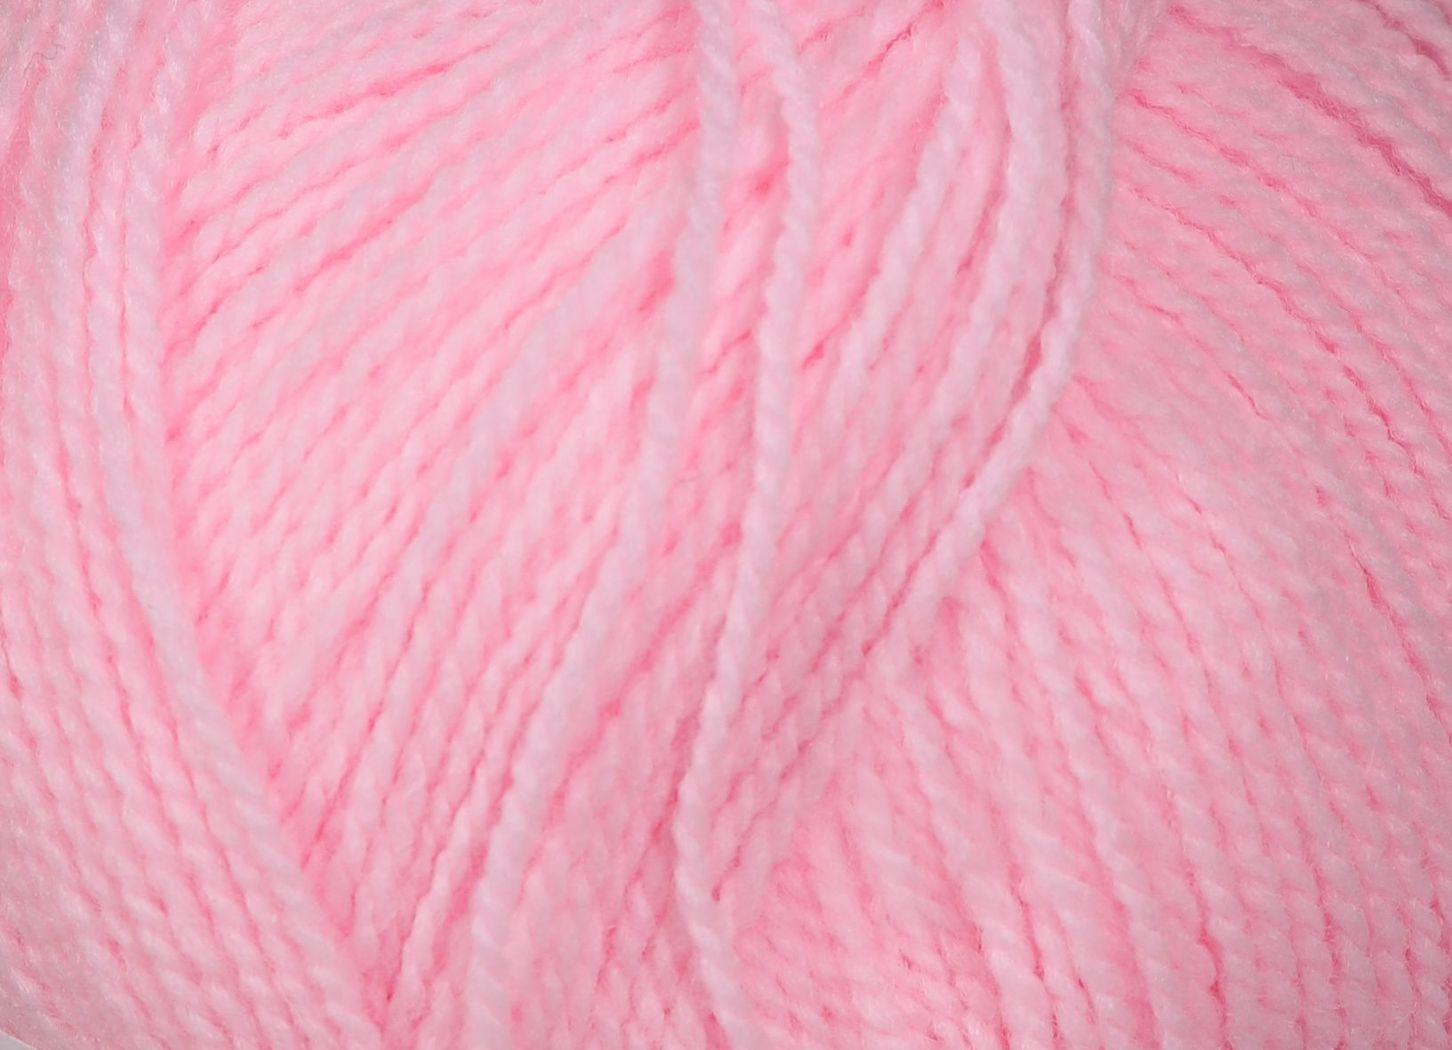 Pletací příze Vlnap BATOLE 52070 světle růžová, klasická, 100g/416m